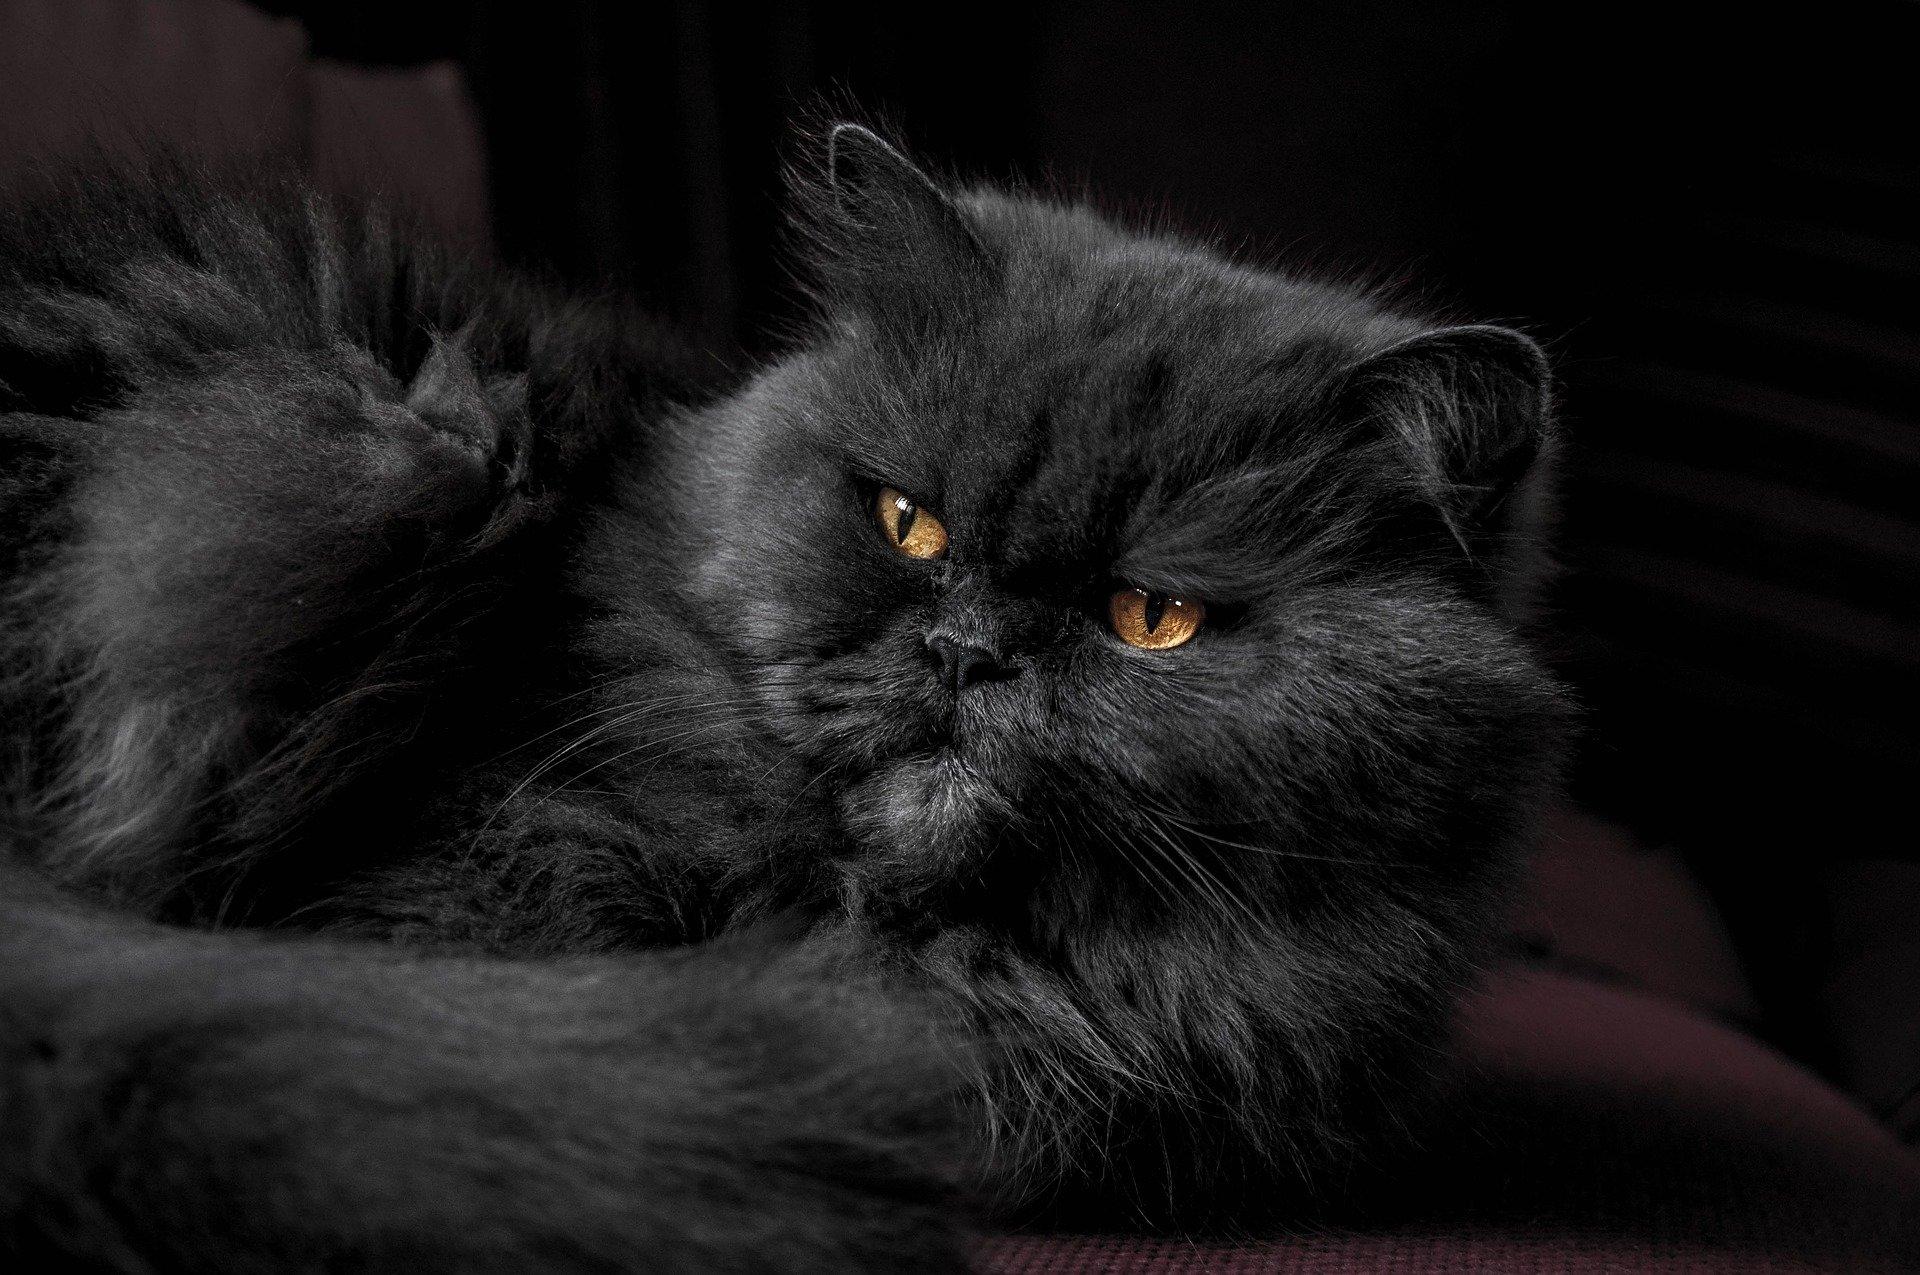 Gatto persiano blu: una delle razze più richieste